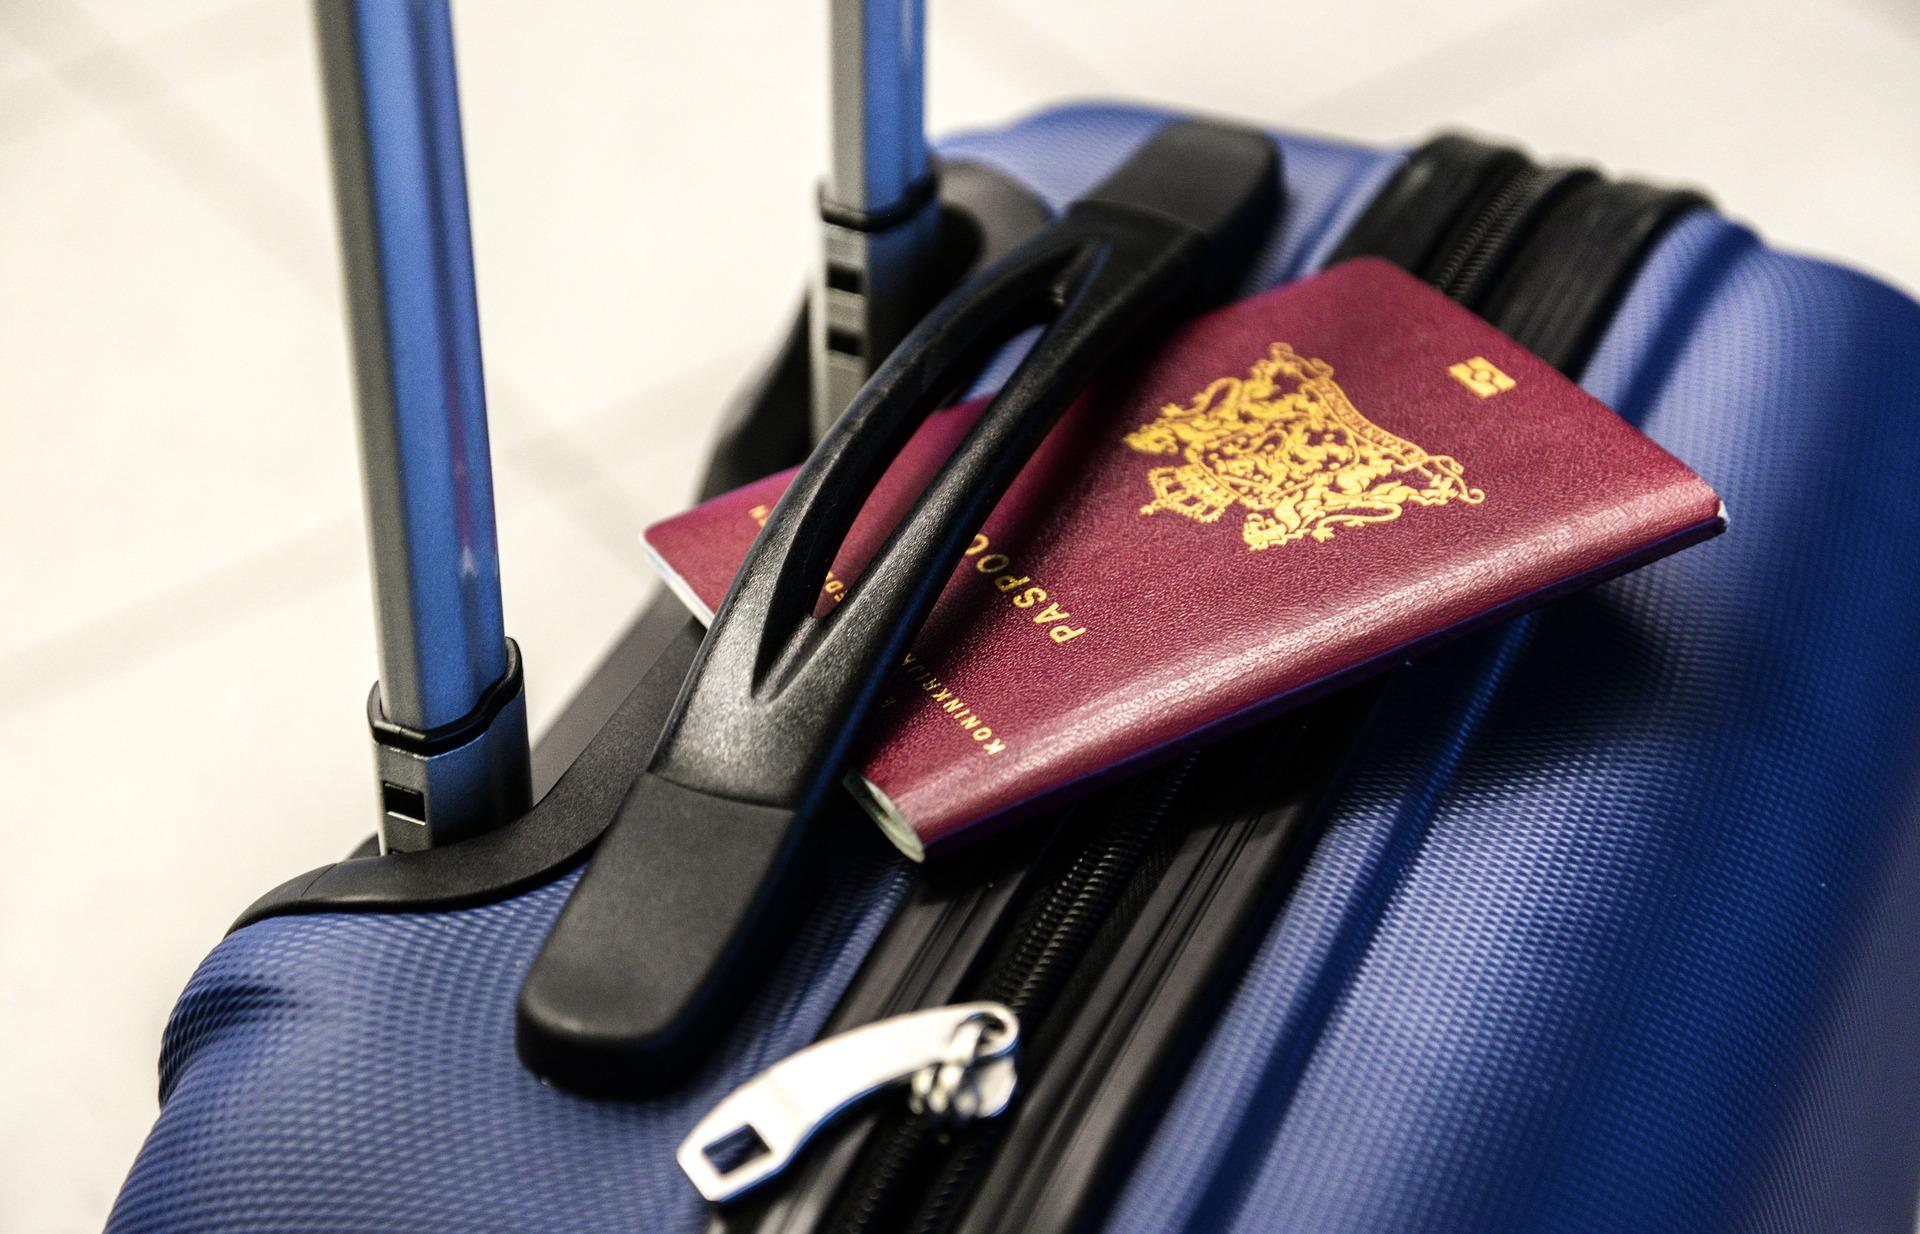 Imagem de uma mala e um passaporte. Imagem ilustrativa texto como montar uma agência de viagens online.